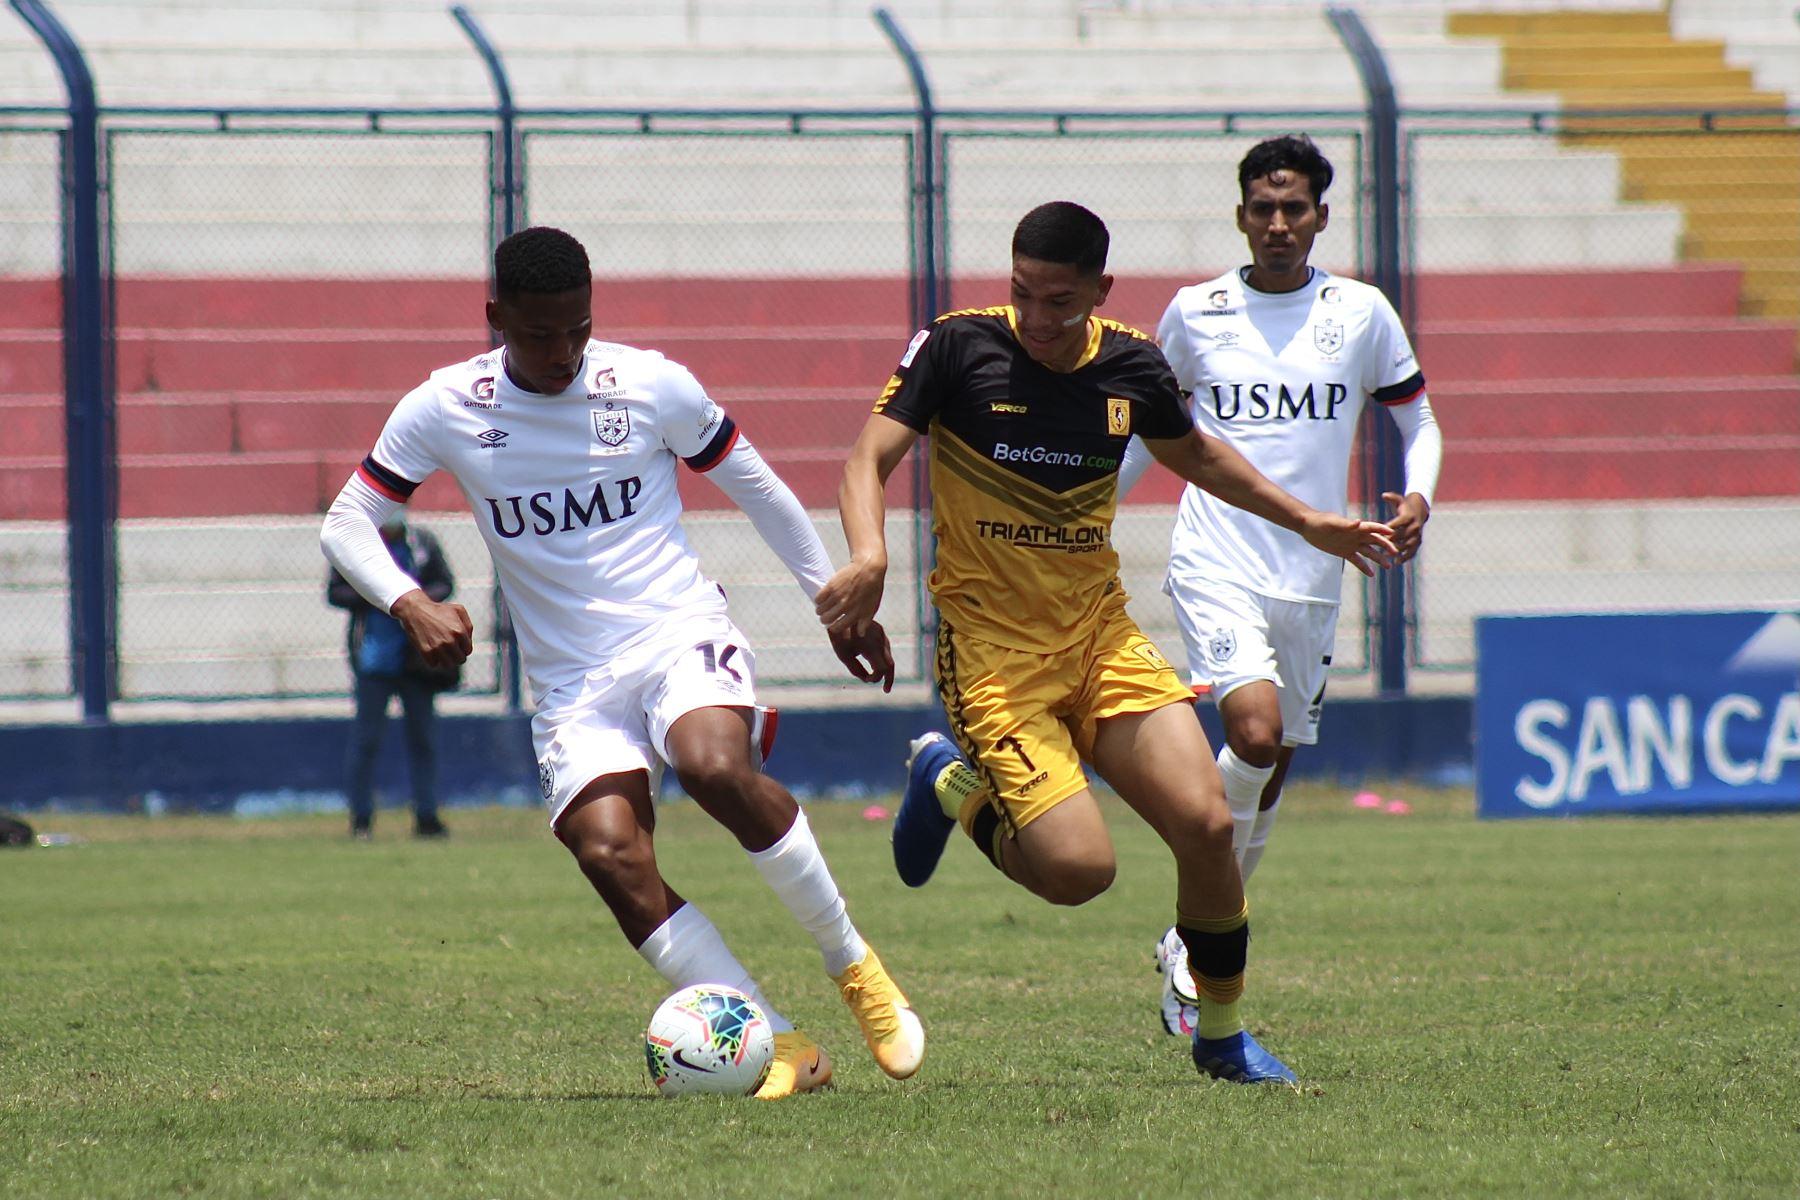 J. Bolivar de San Martín se enfrenta por el balón ante Y. Celi de Cantolao por la octava jornada de la fase 2 de la Liga 1, en el estadio Iván Elías Moreno. Foto: Liga 1